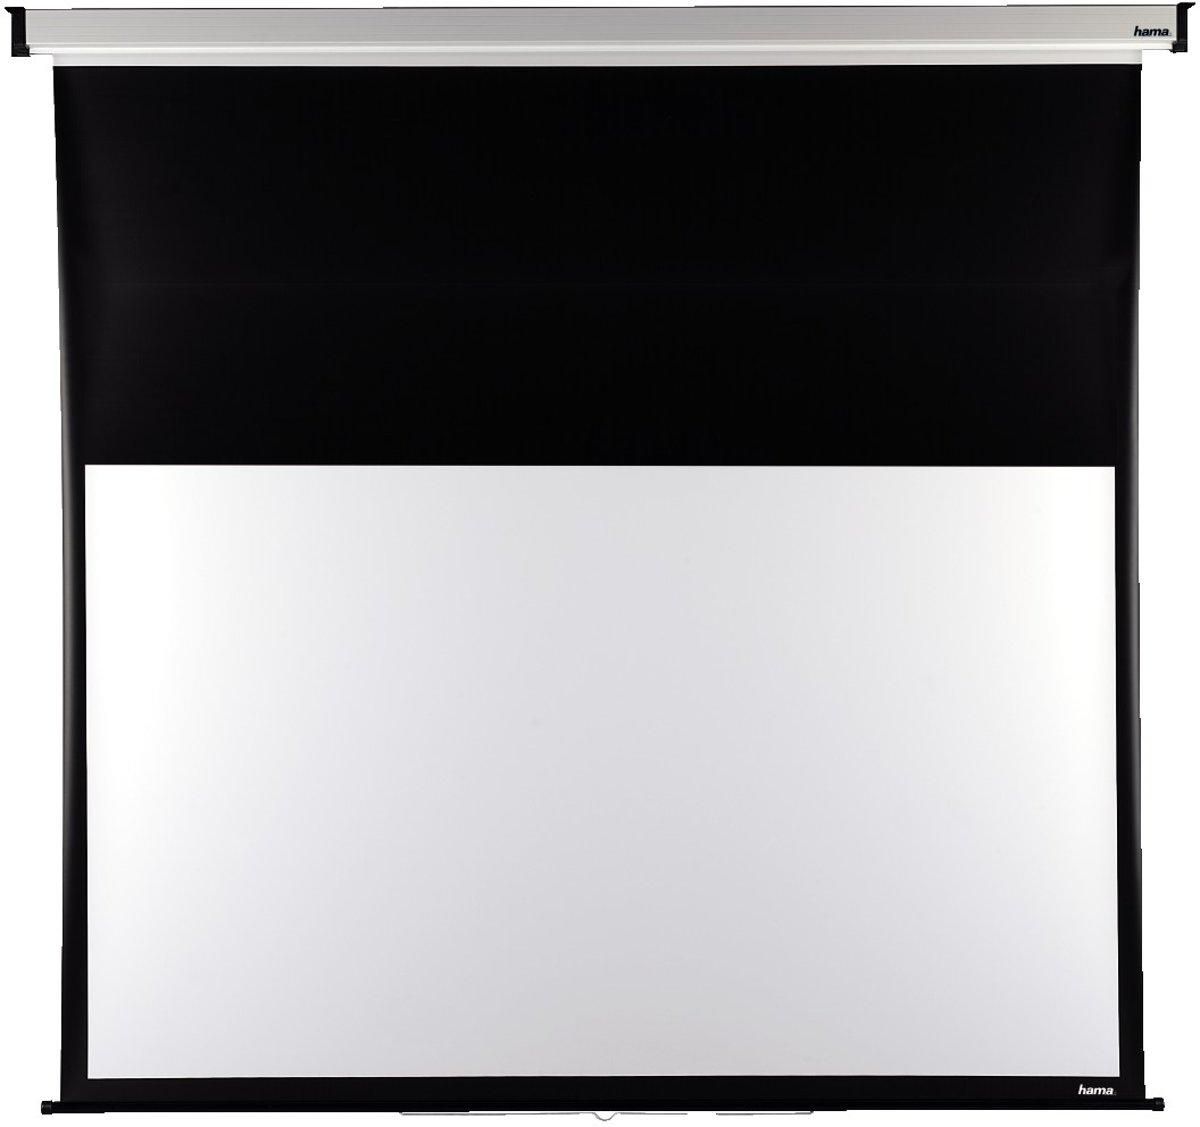 Hama 18788 00018788 Rolprojectiescherm 230 x 129 cm Beeldverhoudin 16:9